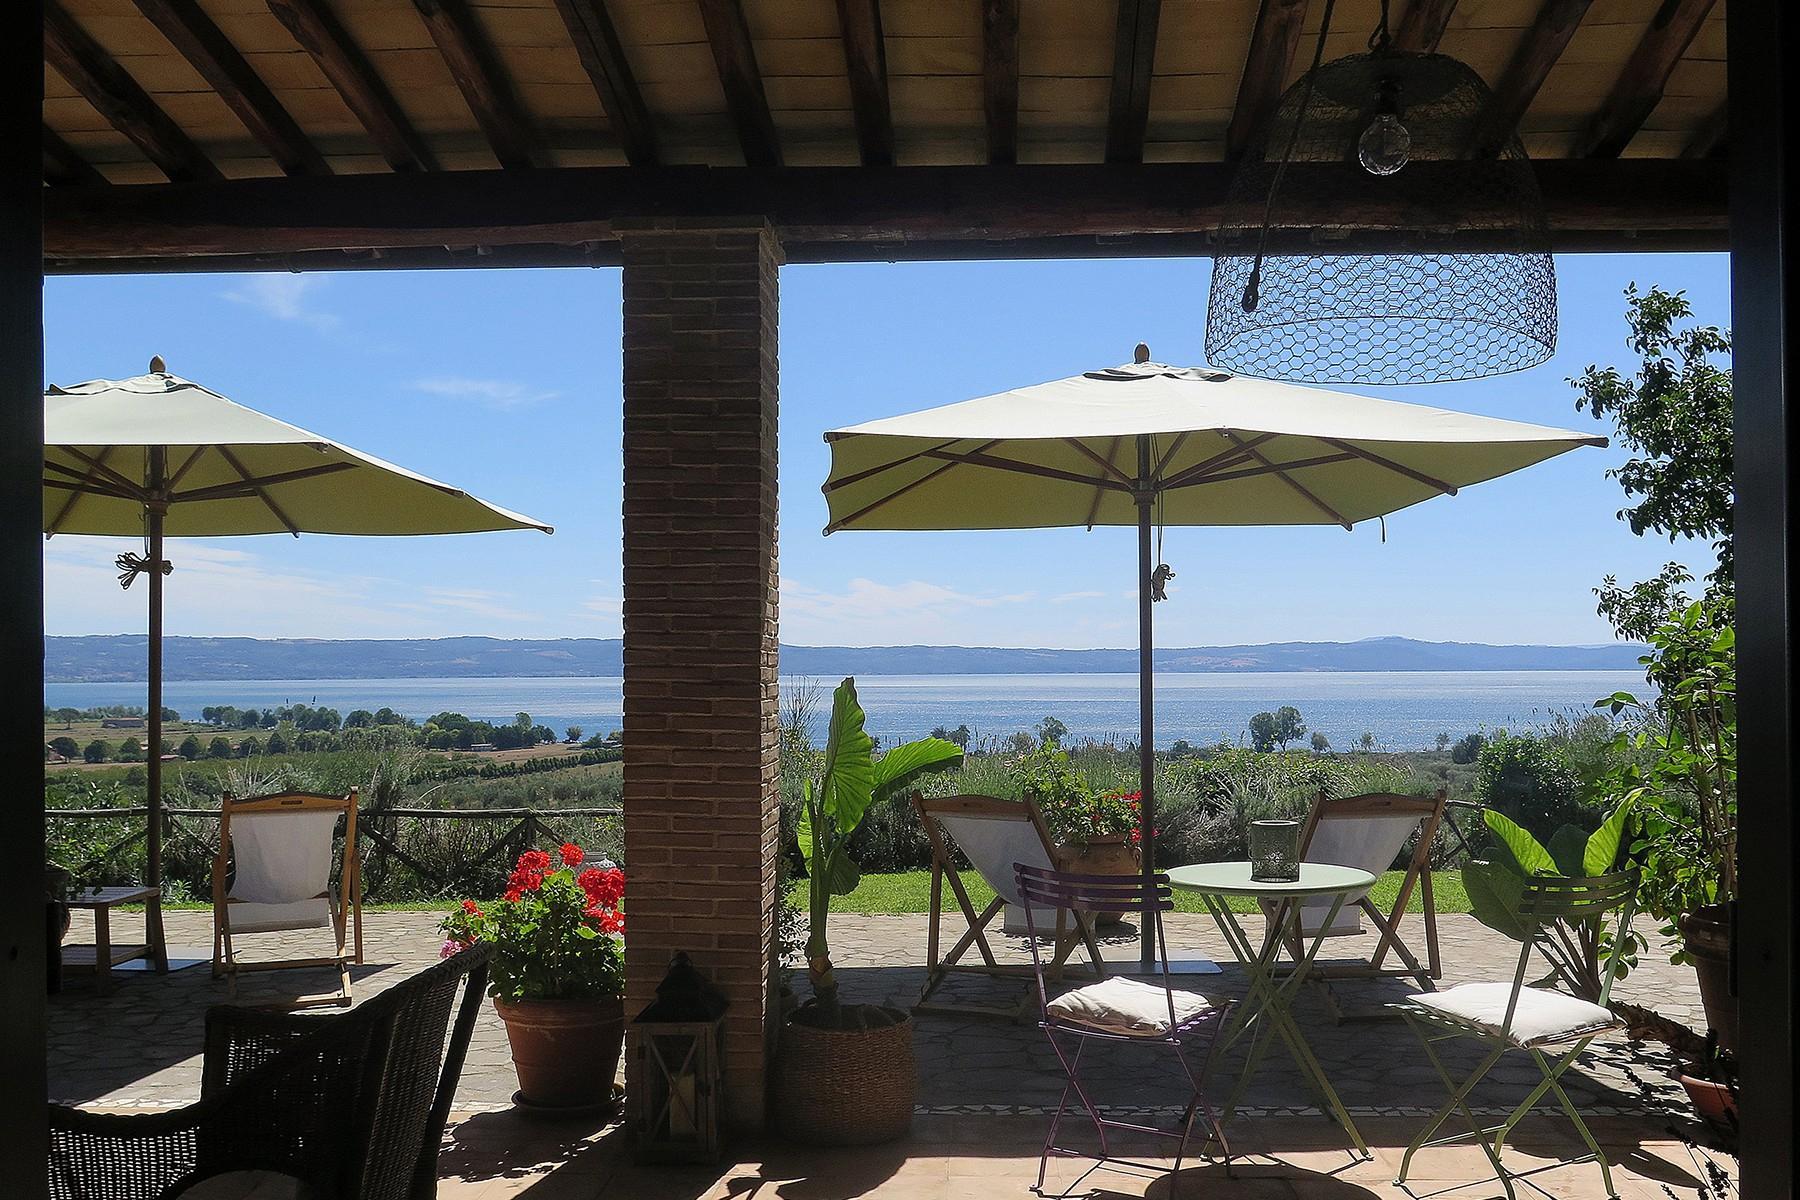 俯瞰着Bolsena湖泊的迷人农舍 - 1